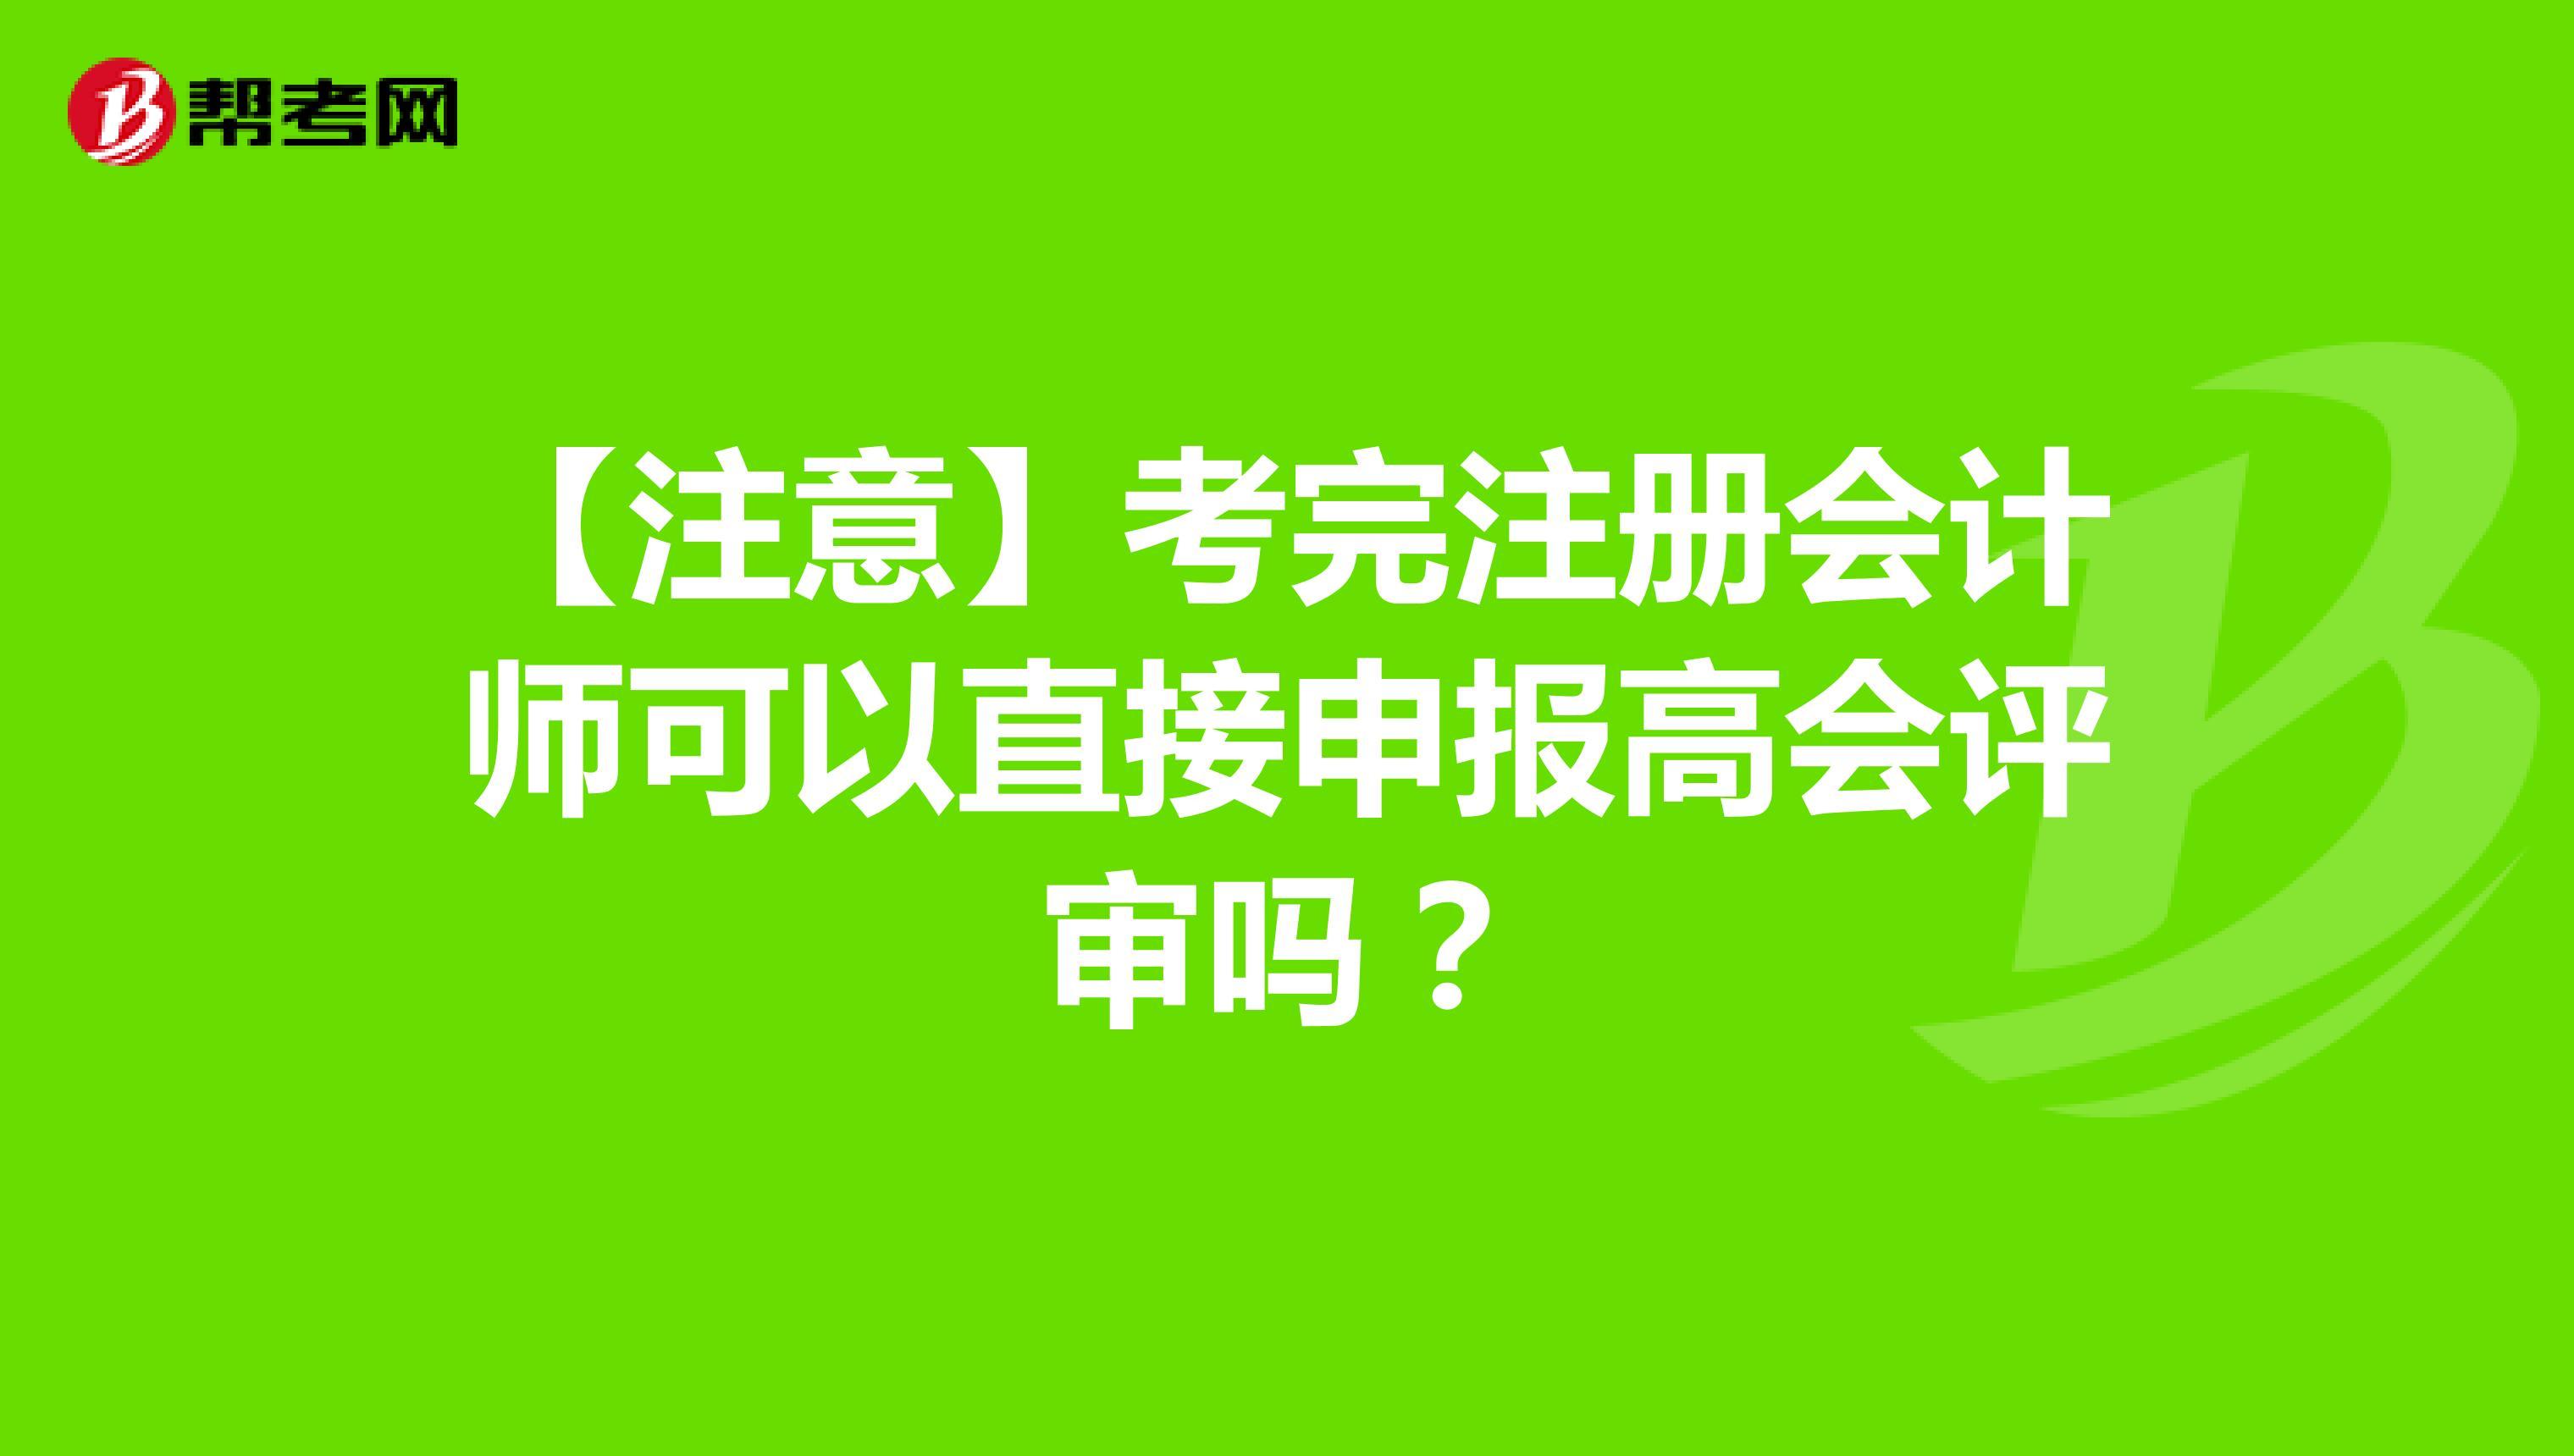 【注意】考完【hot88热竞技提款】注册会计师可以直接申报高会评审吗?